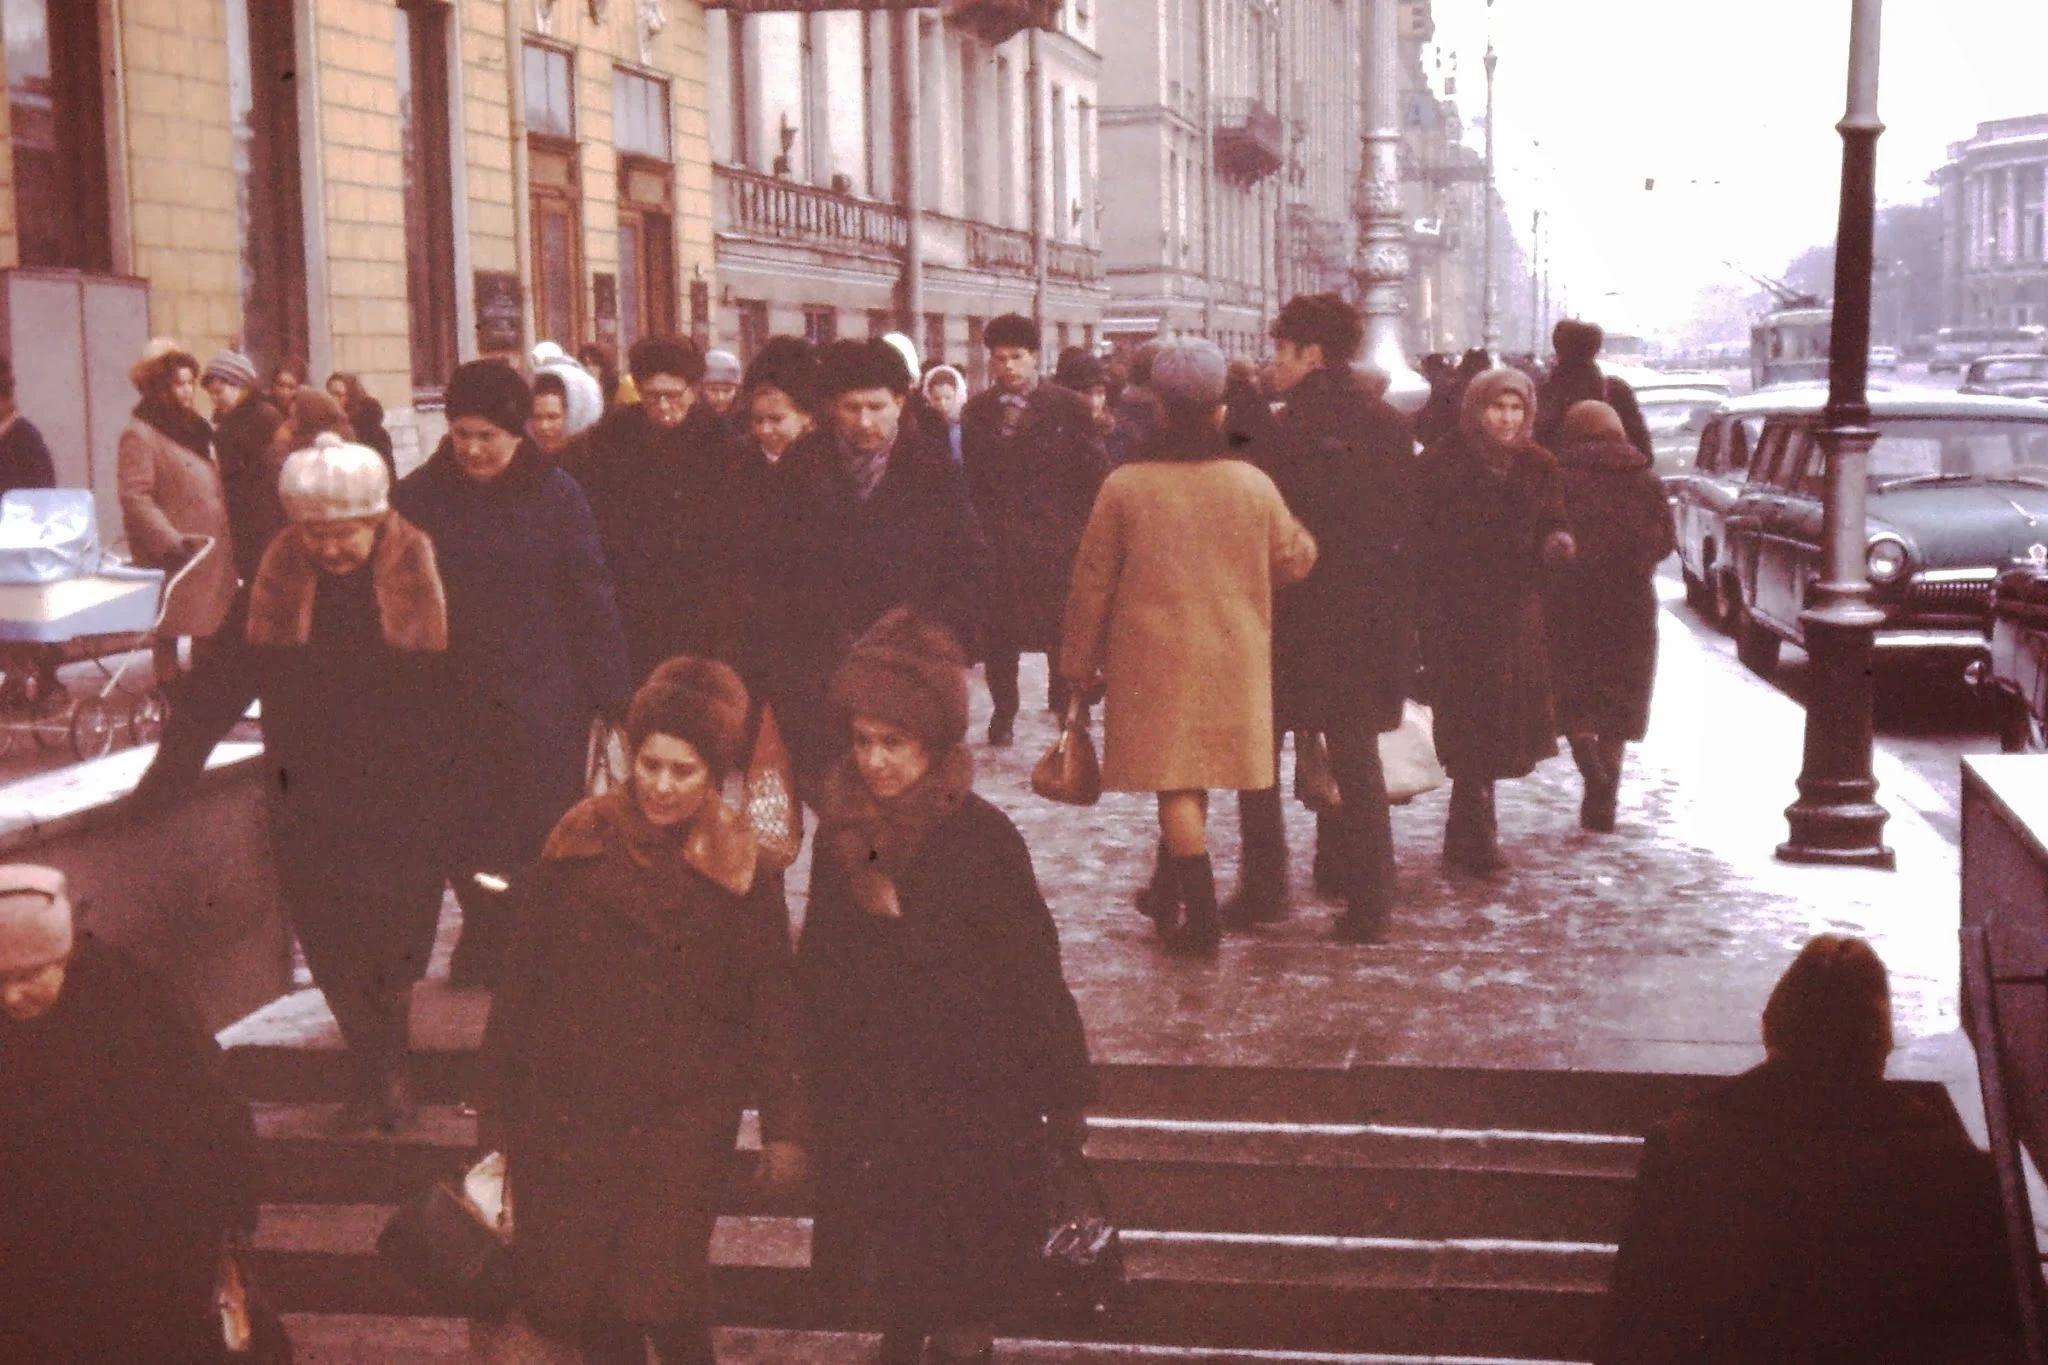 Невский проспект. Подземный переход. В Москве (-25 градусов) шоколадное мороженое продавалось из картонной коробки. Вы могли бы его съесть, если бы не холод вокруг